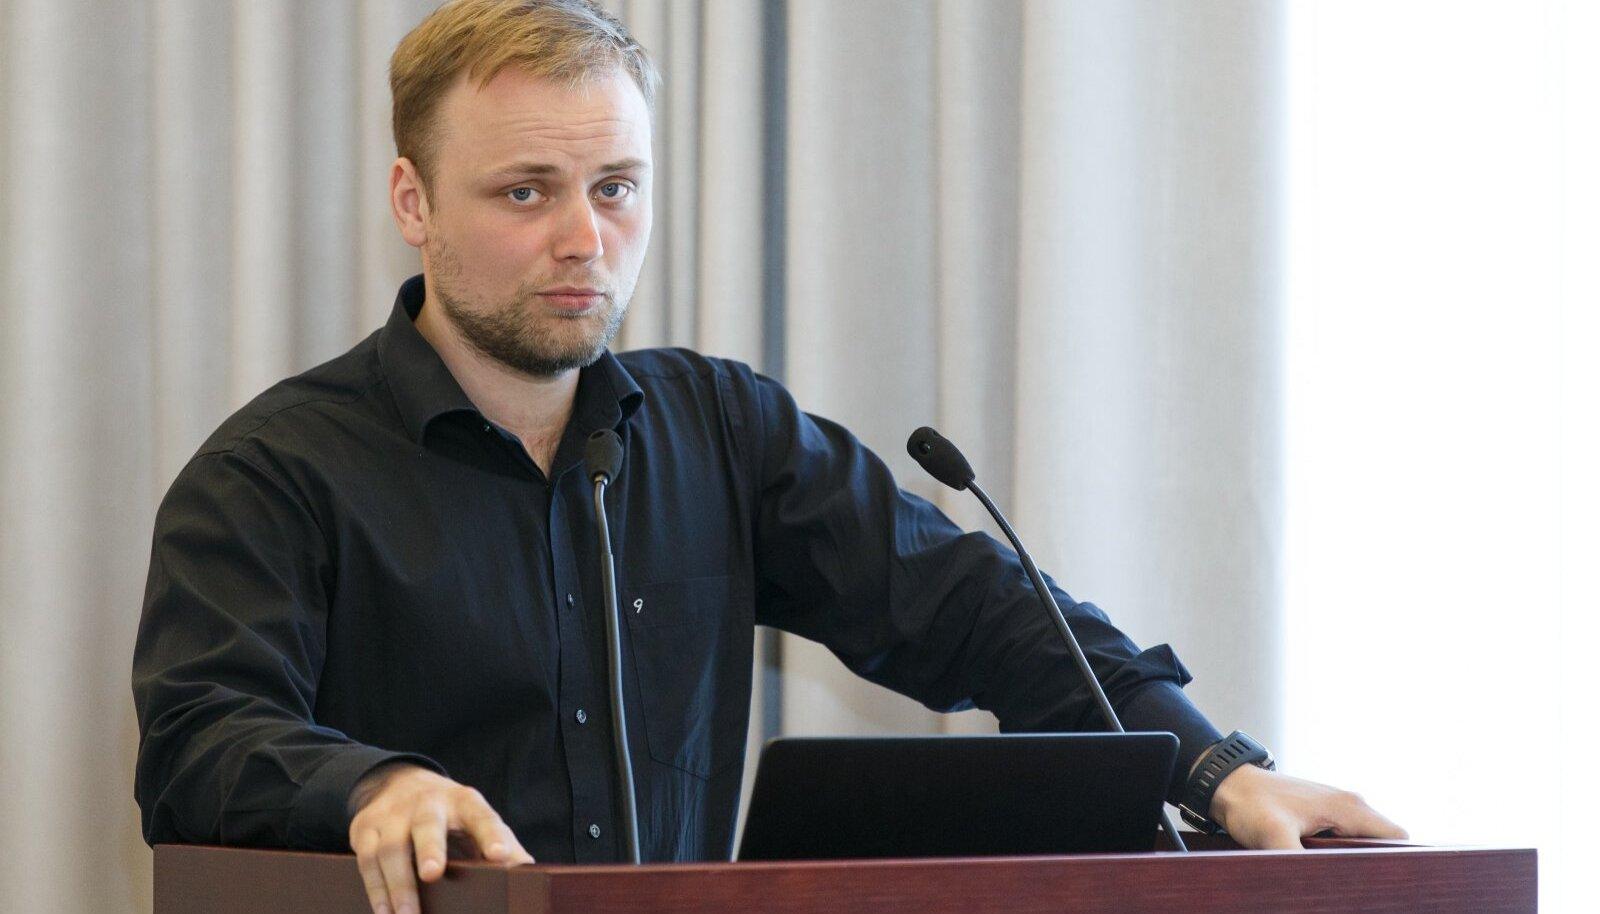 VASTUVÄITED: Kristjan Järvan vastab Ellex Raidla advokaadi Raino Paroni arvamusloole.